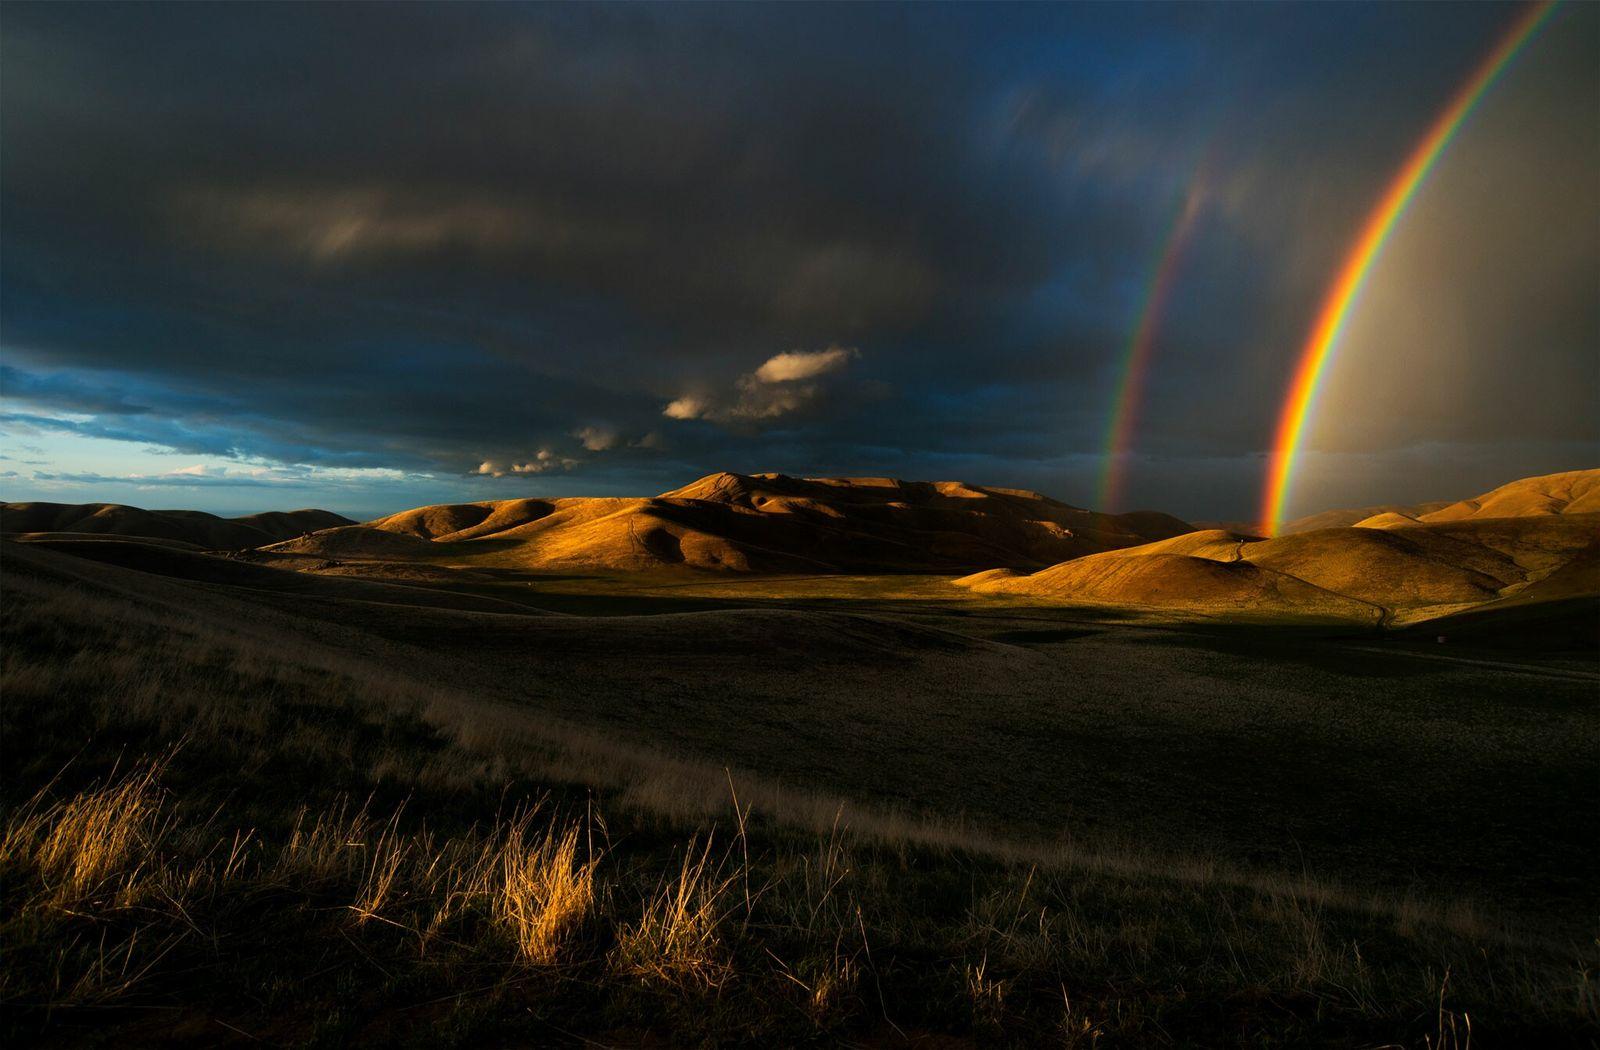 Arco-íris durante uma tempestade, no final da primavera, nas montanhas de San Emigdio, na Califórnia, uma ...